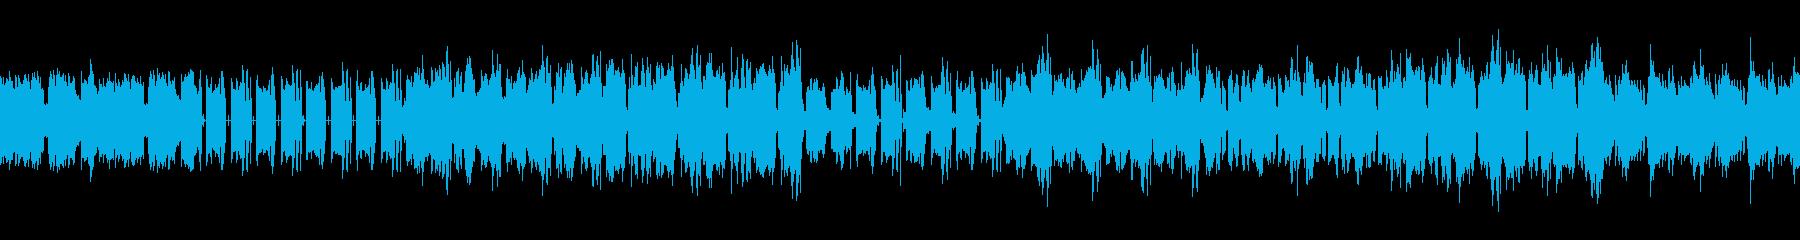 Loop version's reproduced waveform